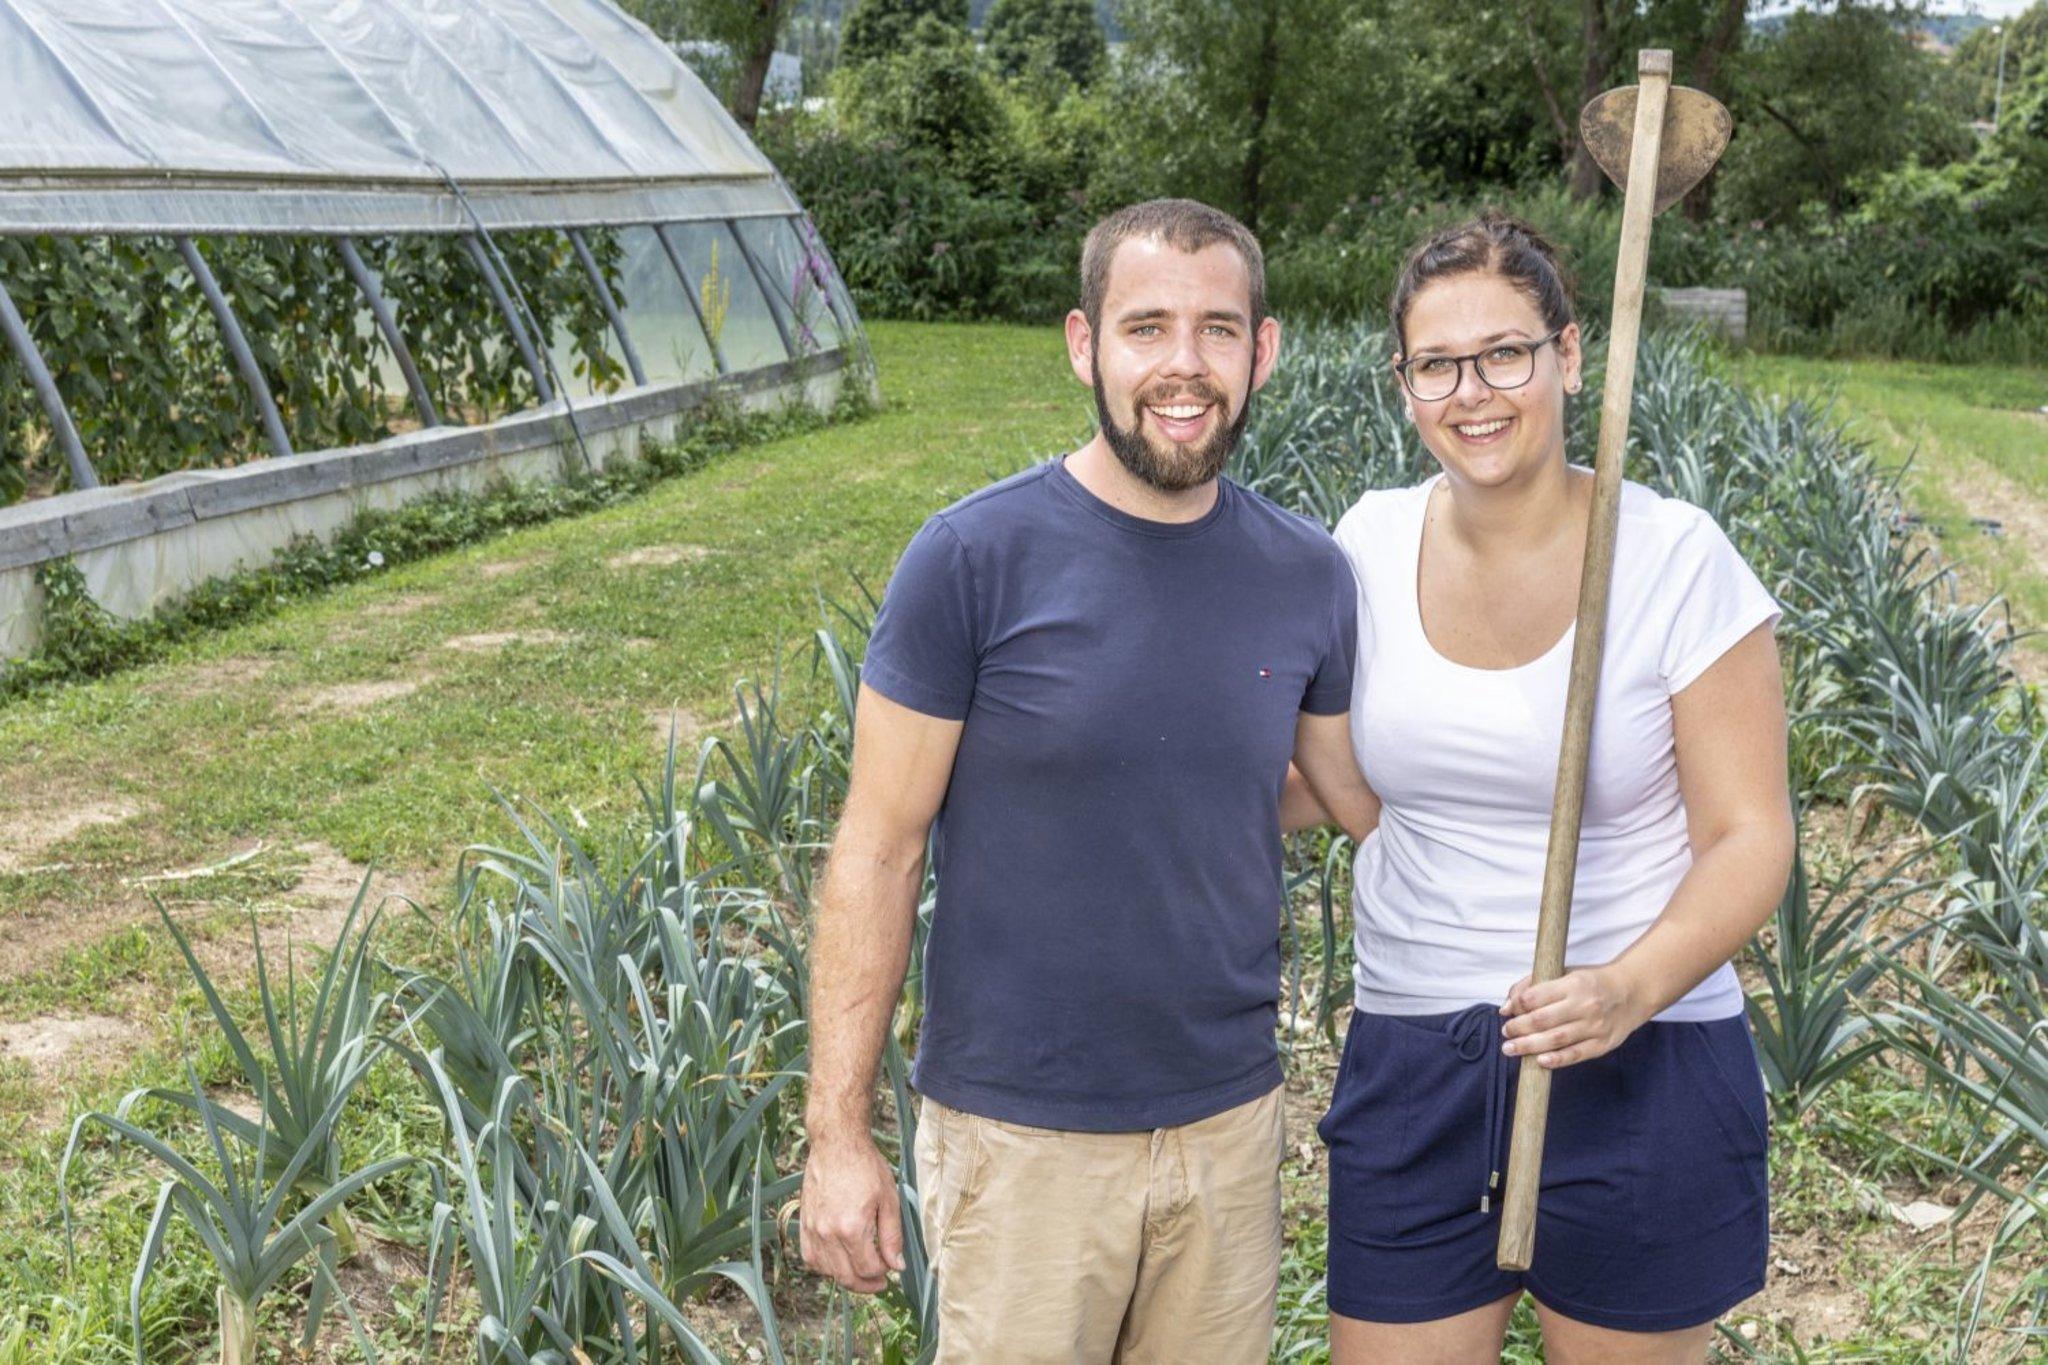 Flirt & Abenteuer Langegg bei Graz | Locanto Casual Dating